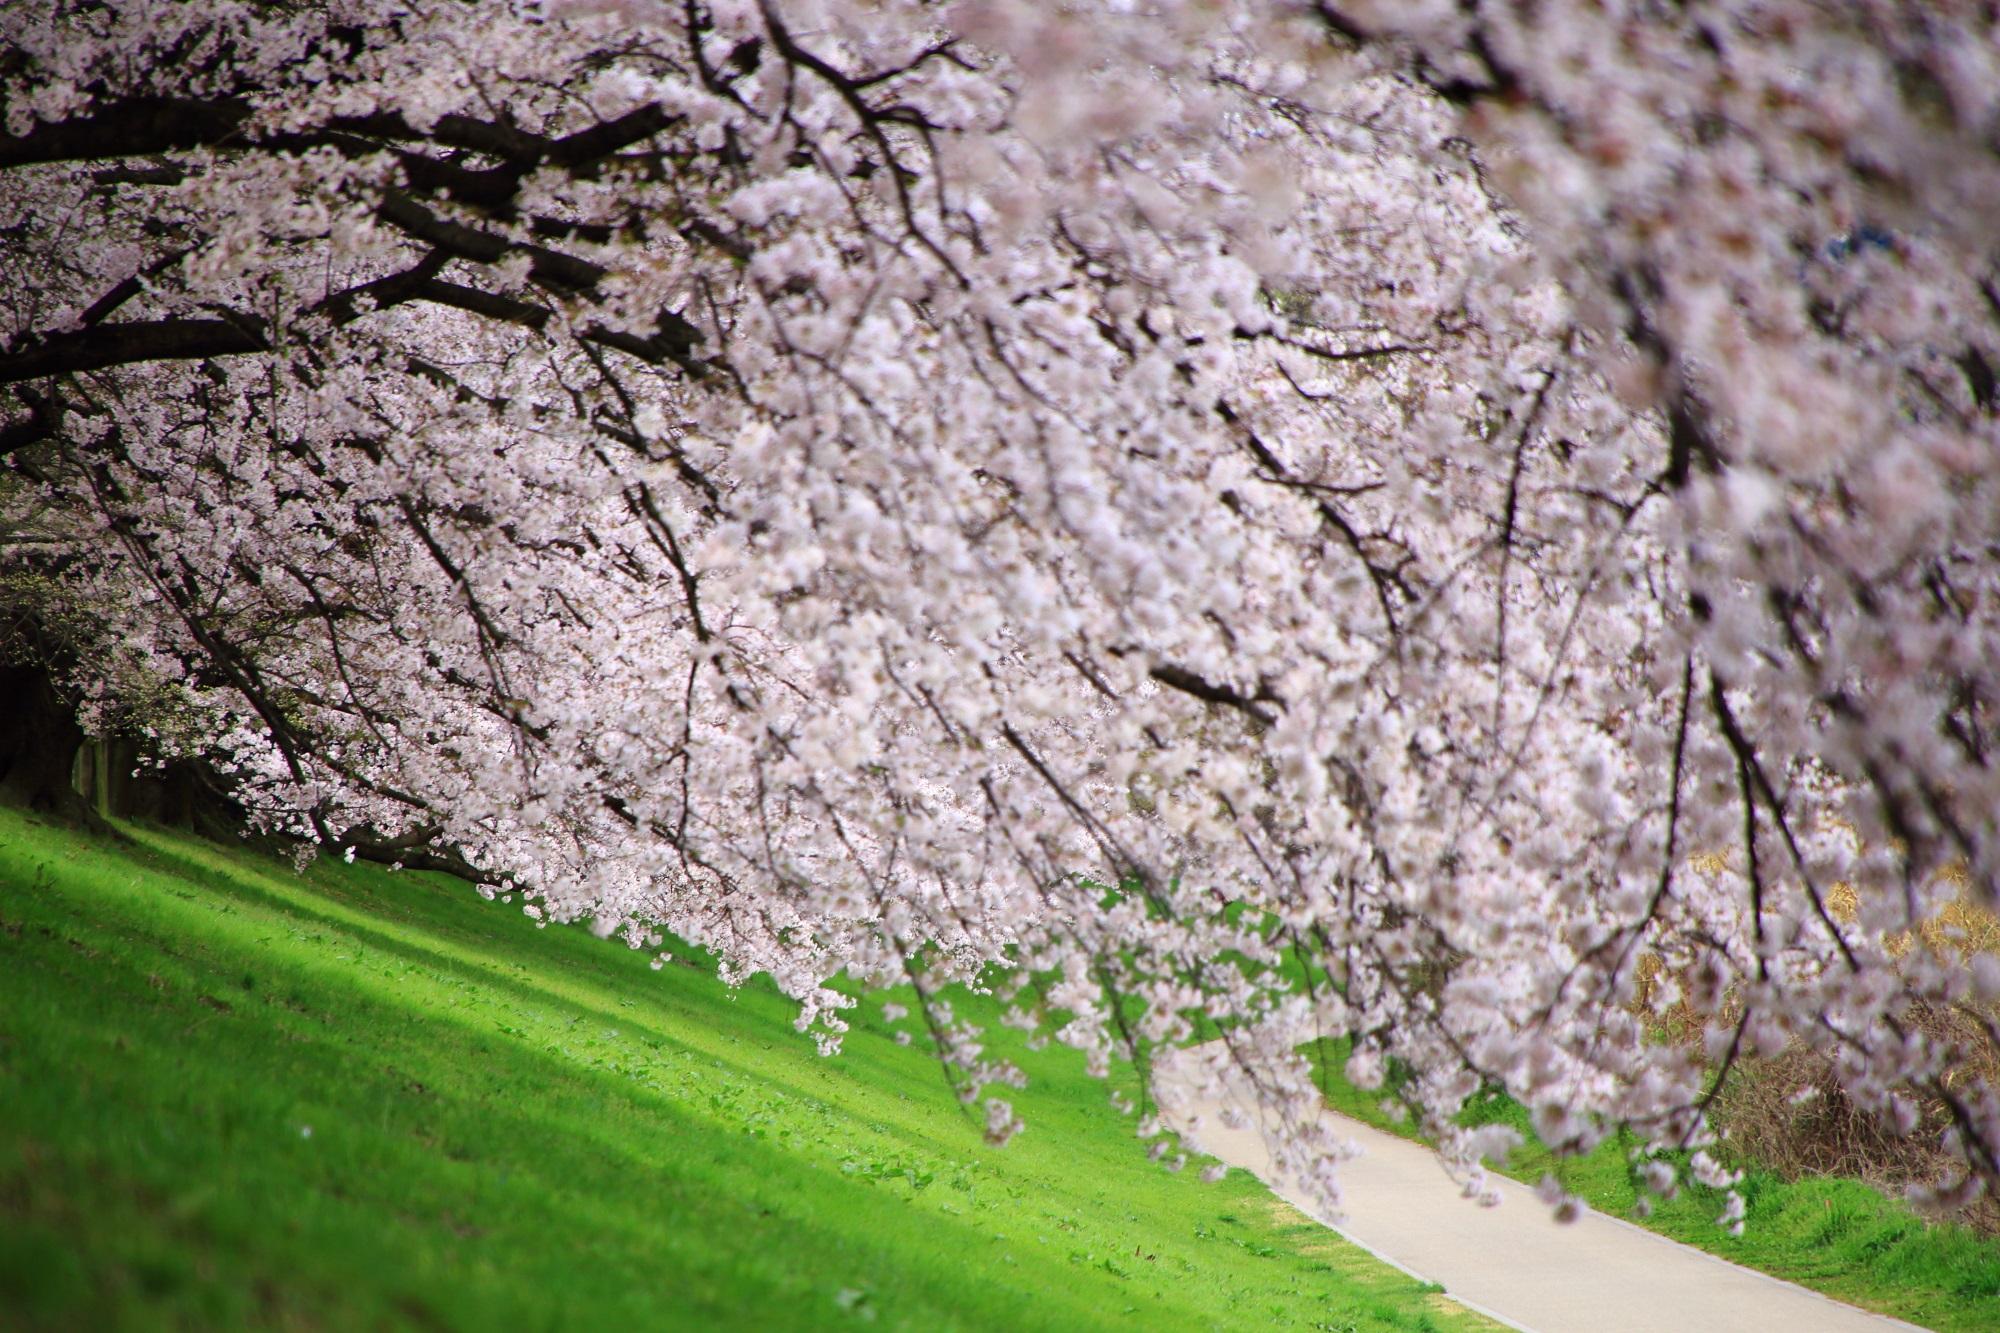 緑の芝生の上で優雅に咲き誇る華やかな桜